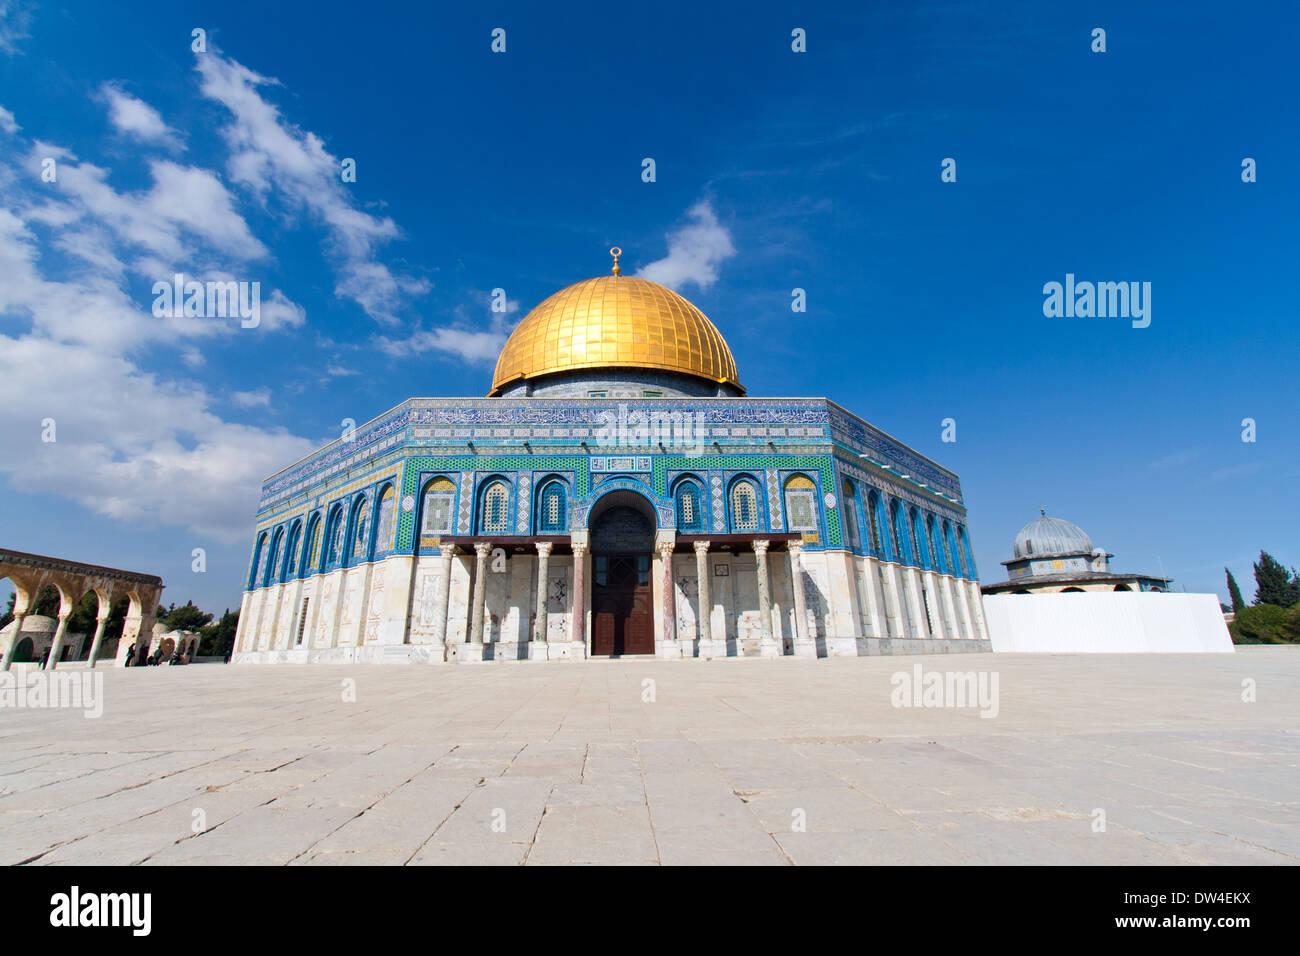 La cúpula de la roca en el Monte del Templo, en Jerusalén, Israel Imagen De Stock